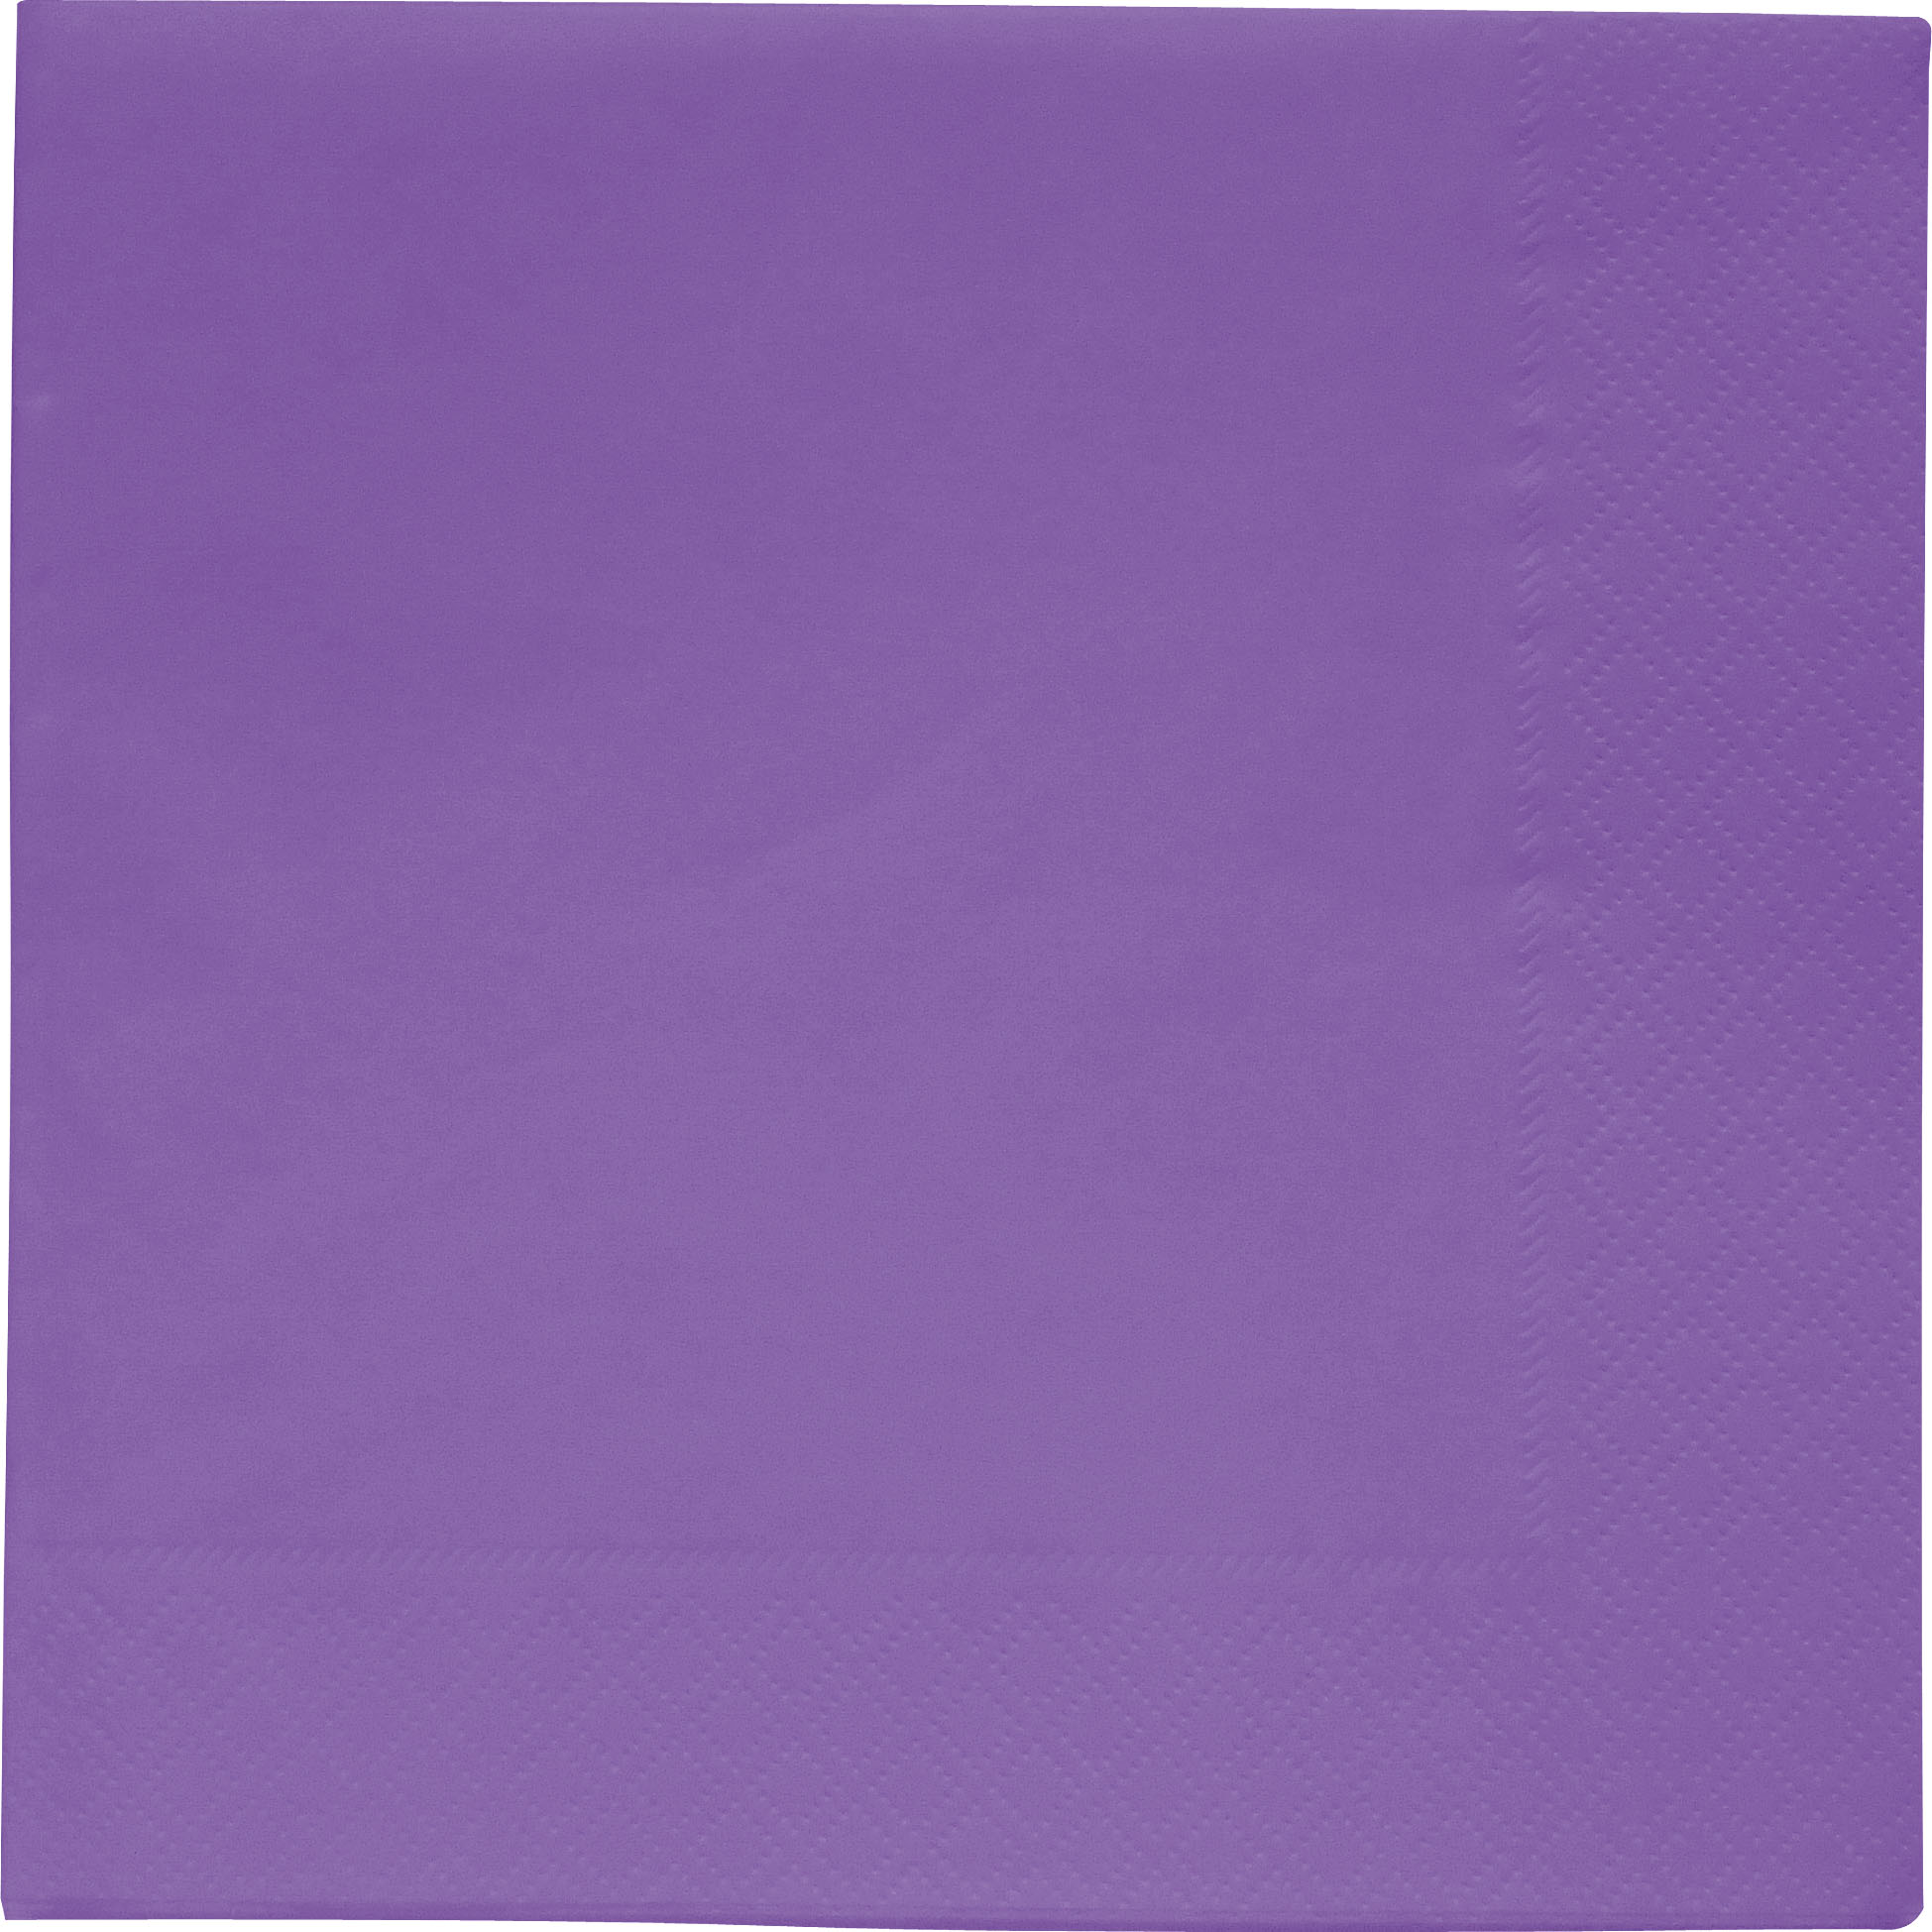 20 serviettes en papier pais violet 33 x 33 cm d coration anniversaire et f tes th me sur. Black Bedroom Furniture Sets. Home Design Ideas